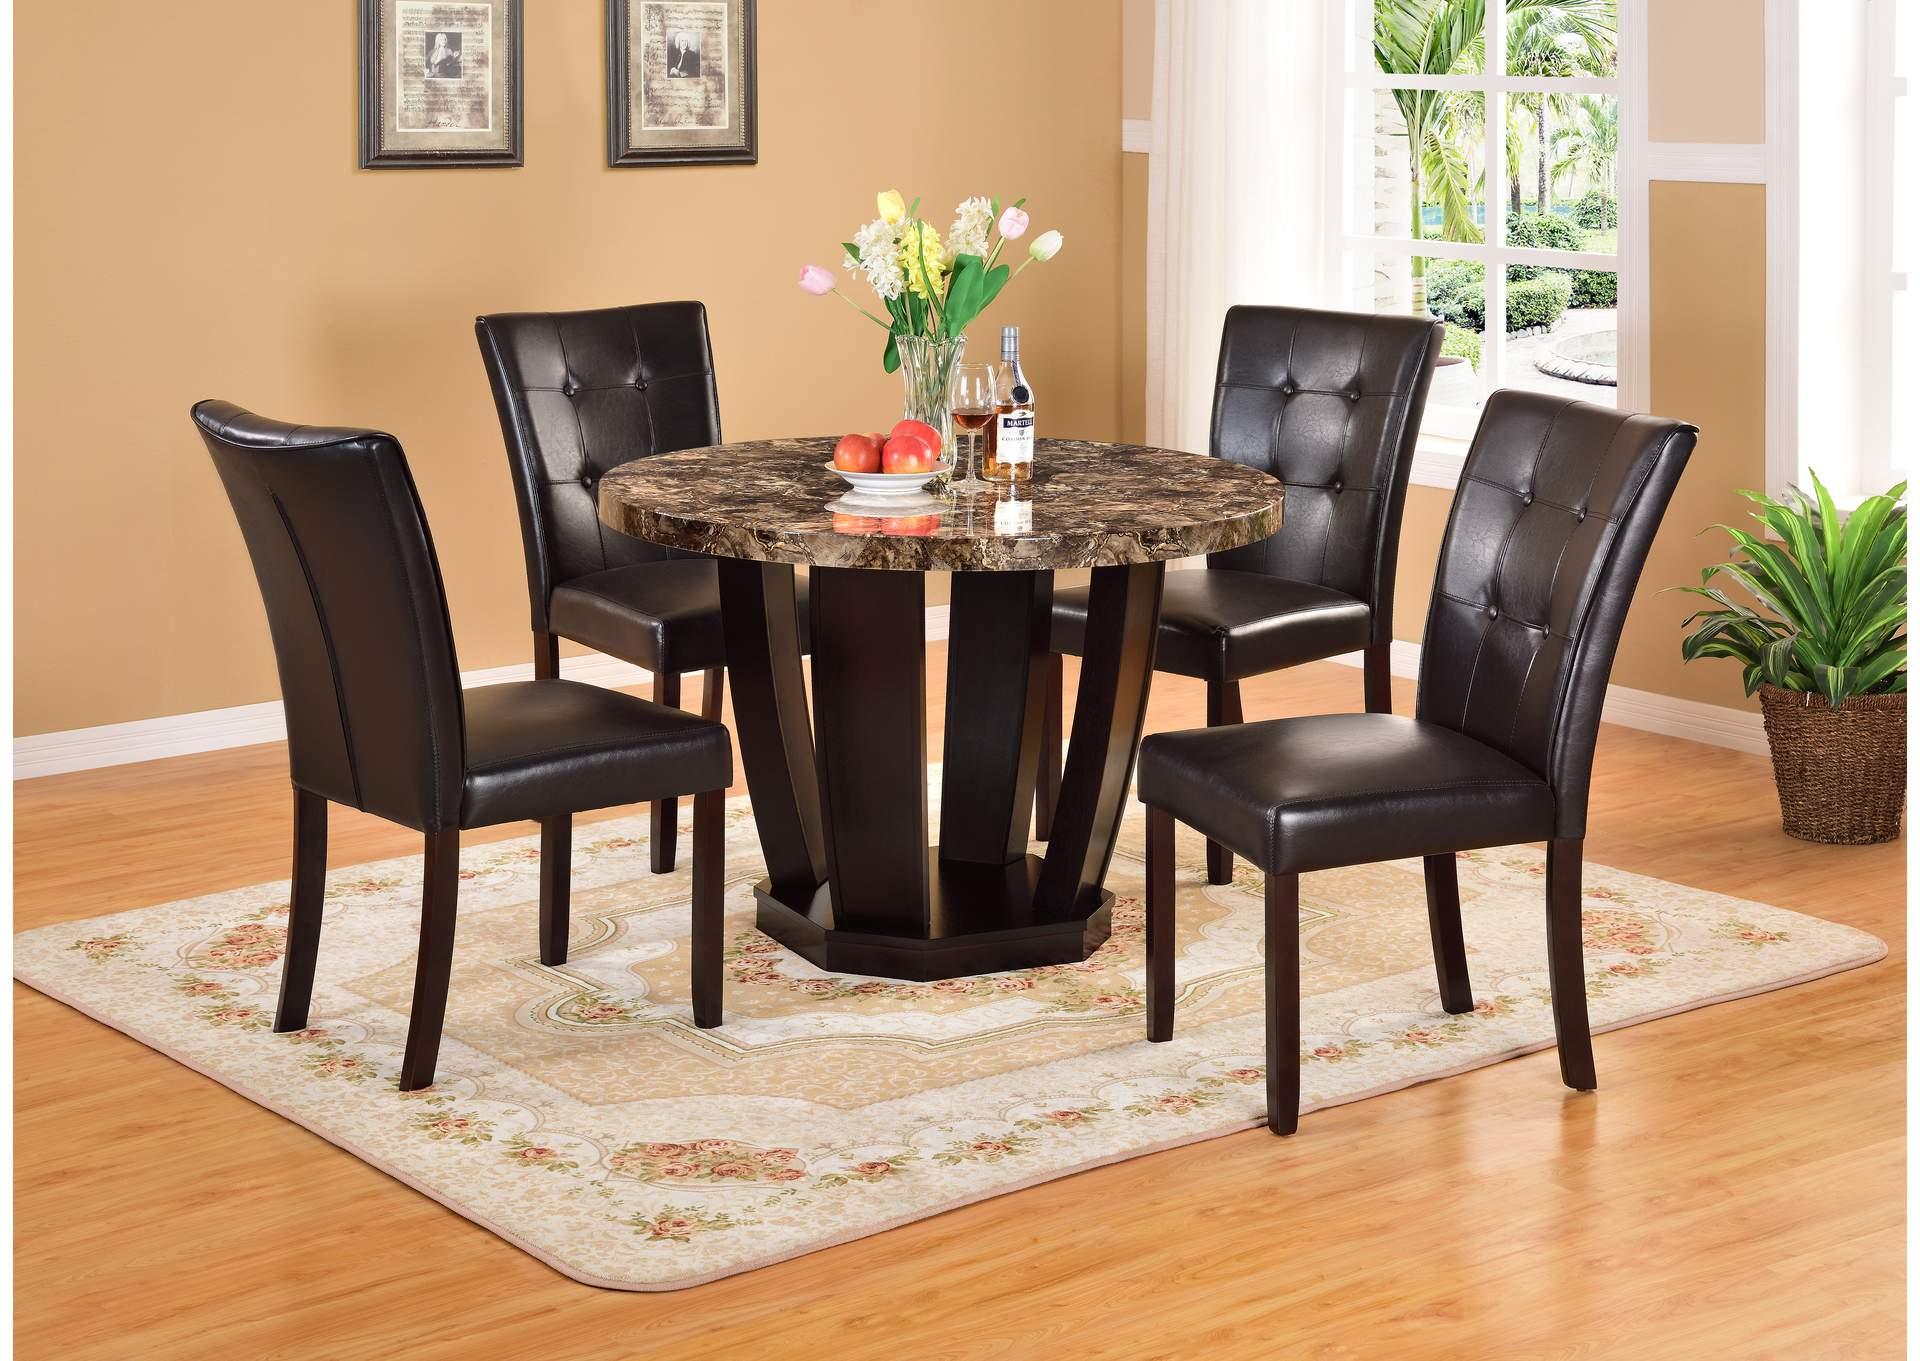 Deals More Furniture